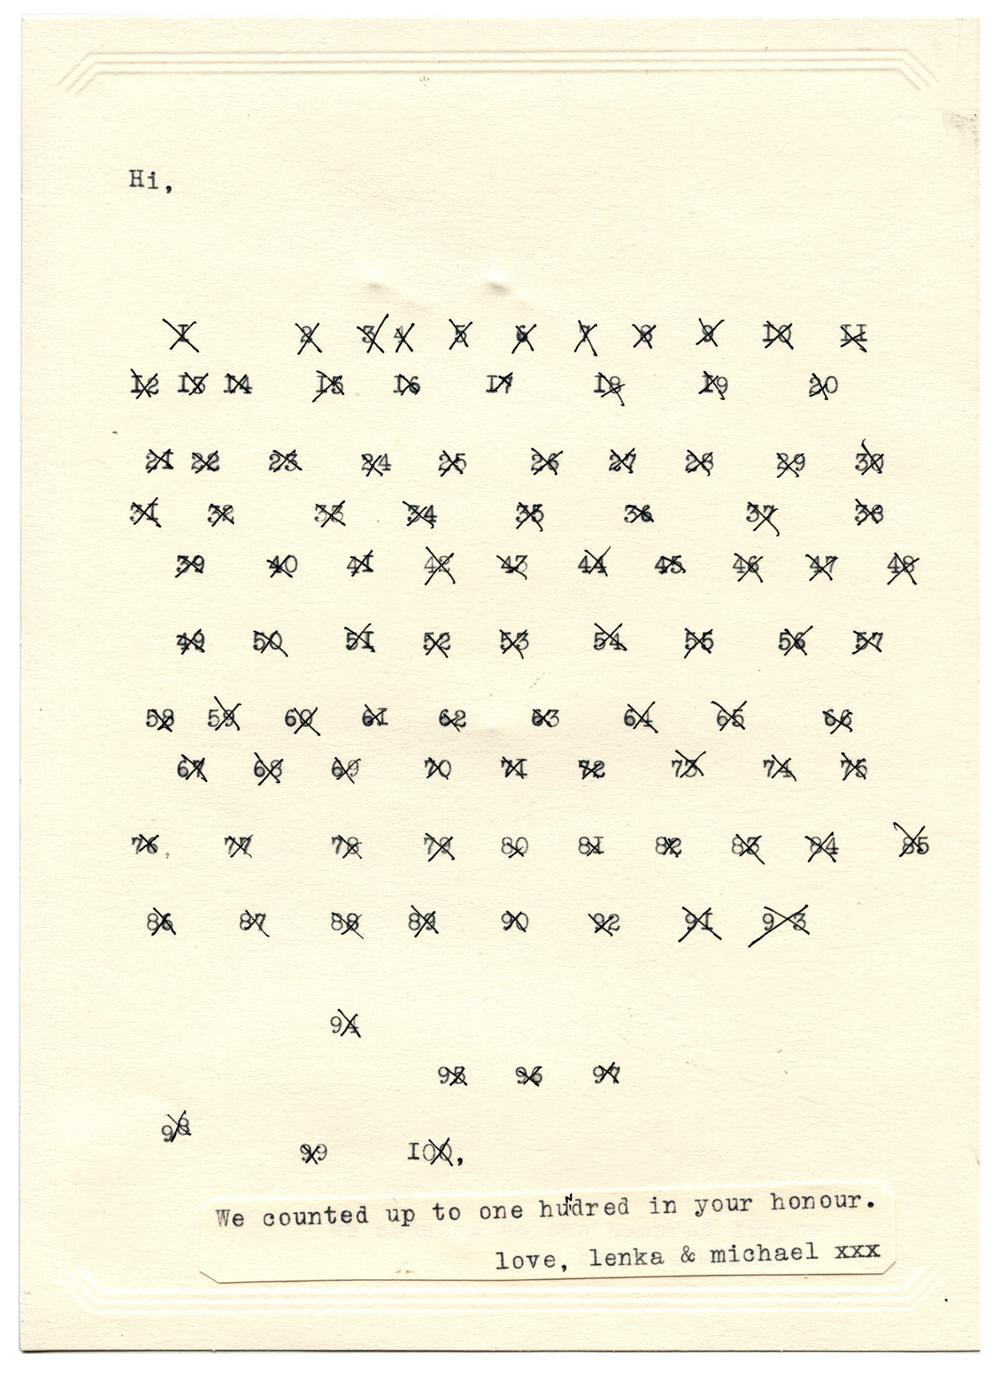 mysterious_letters_den038.jpg